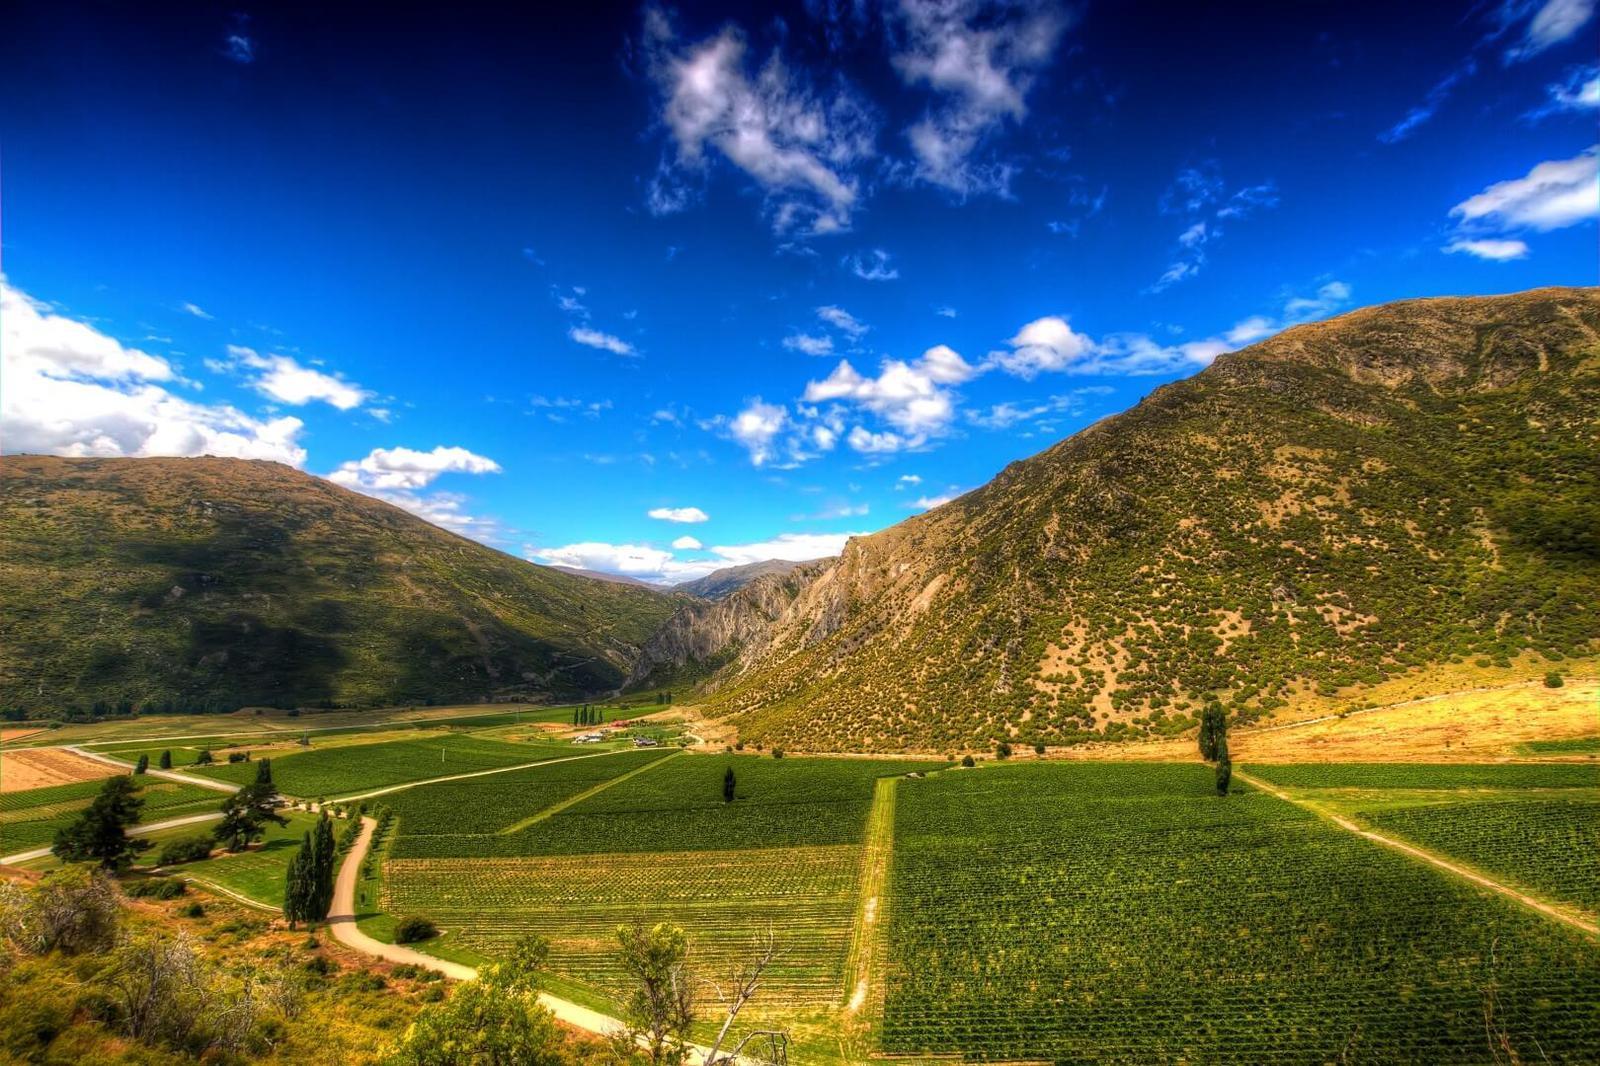 El valle de las vides en Queenstown, Nueva Zelanda. Turismo en Nueva Zelanda. Qué hacer en Nueva Zelanda.